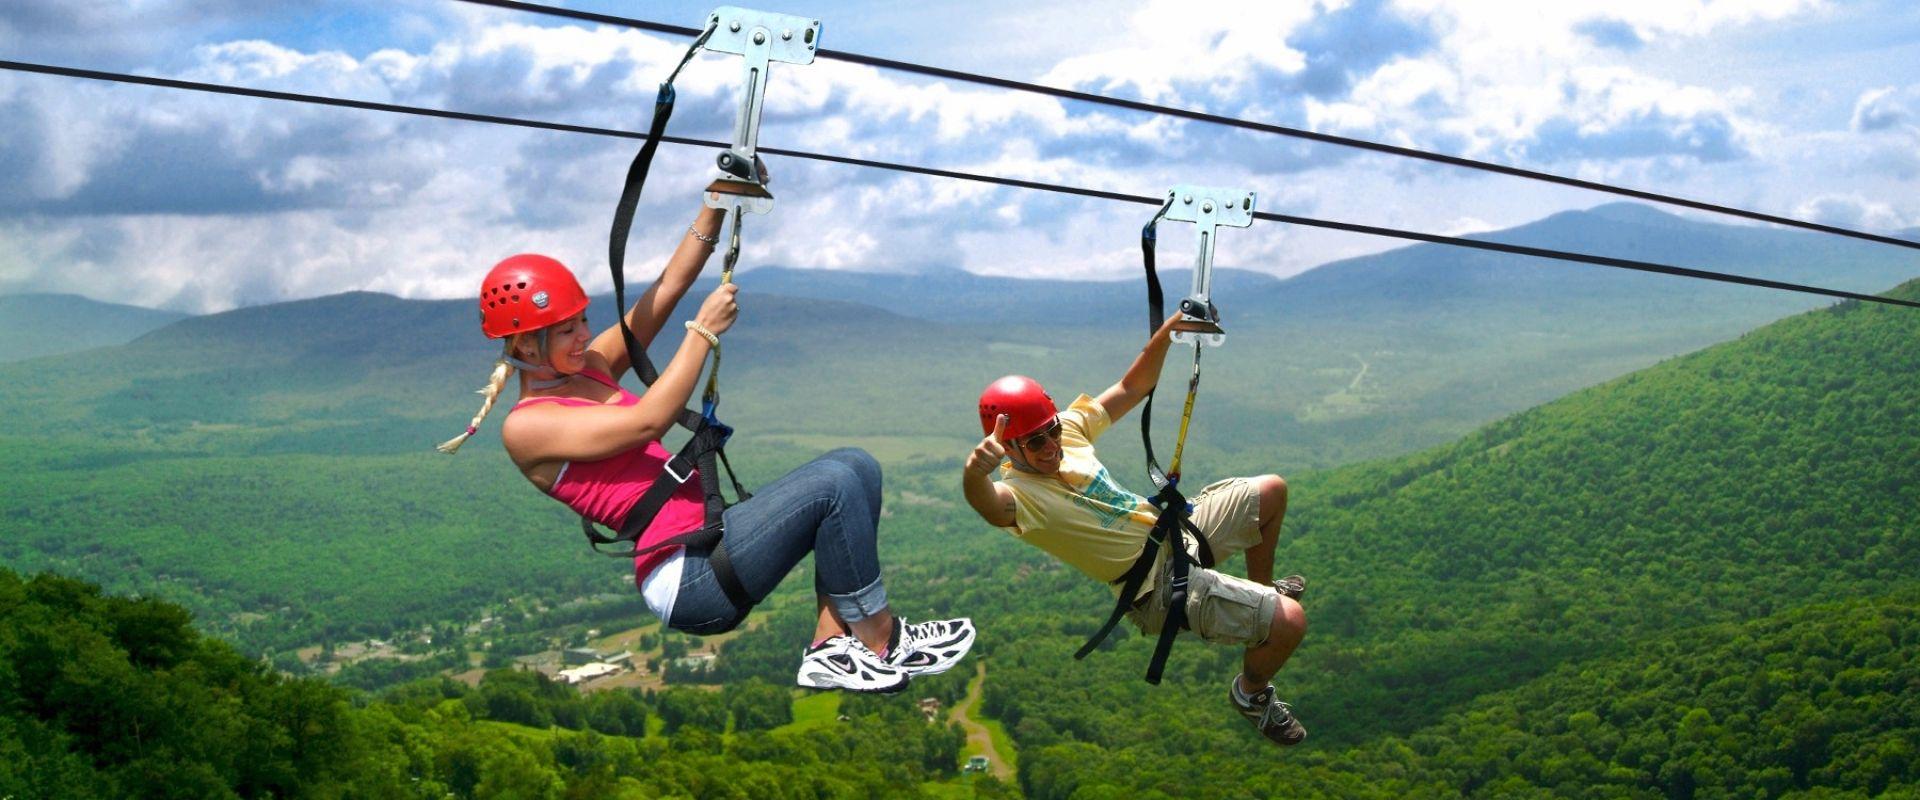 Hunter Mountain Zip Line America S Longest Zip Line 2 Hours From Nyc Ziplining Day Trip To Nyc Zipline Adventure